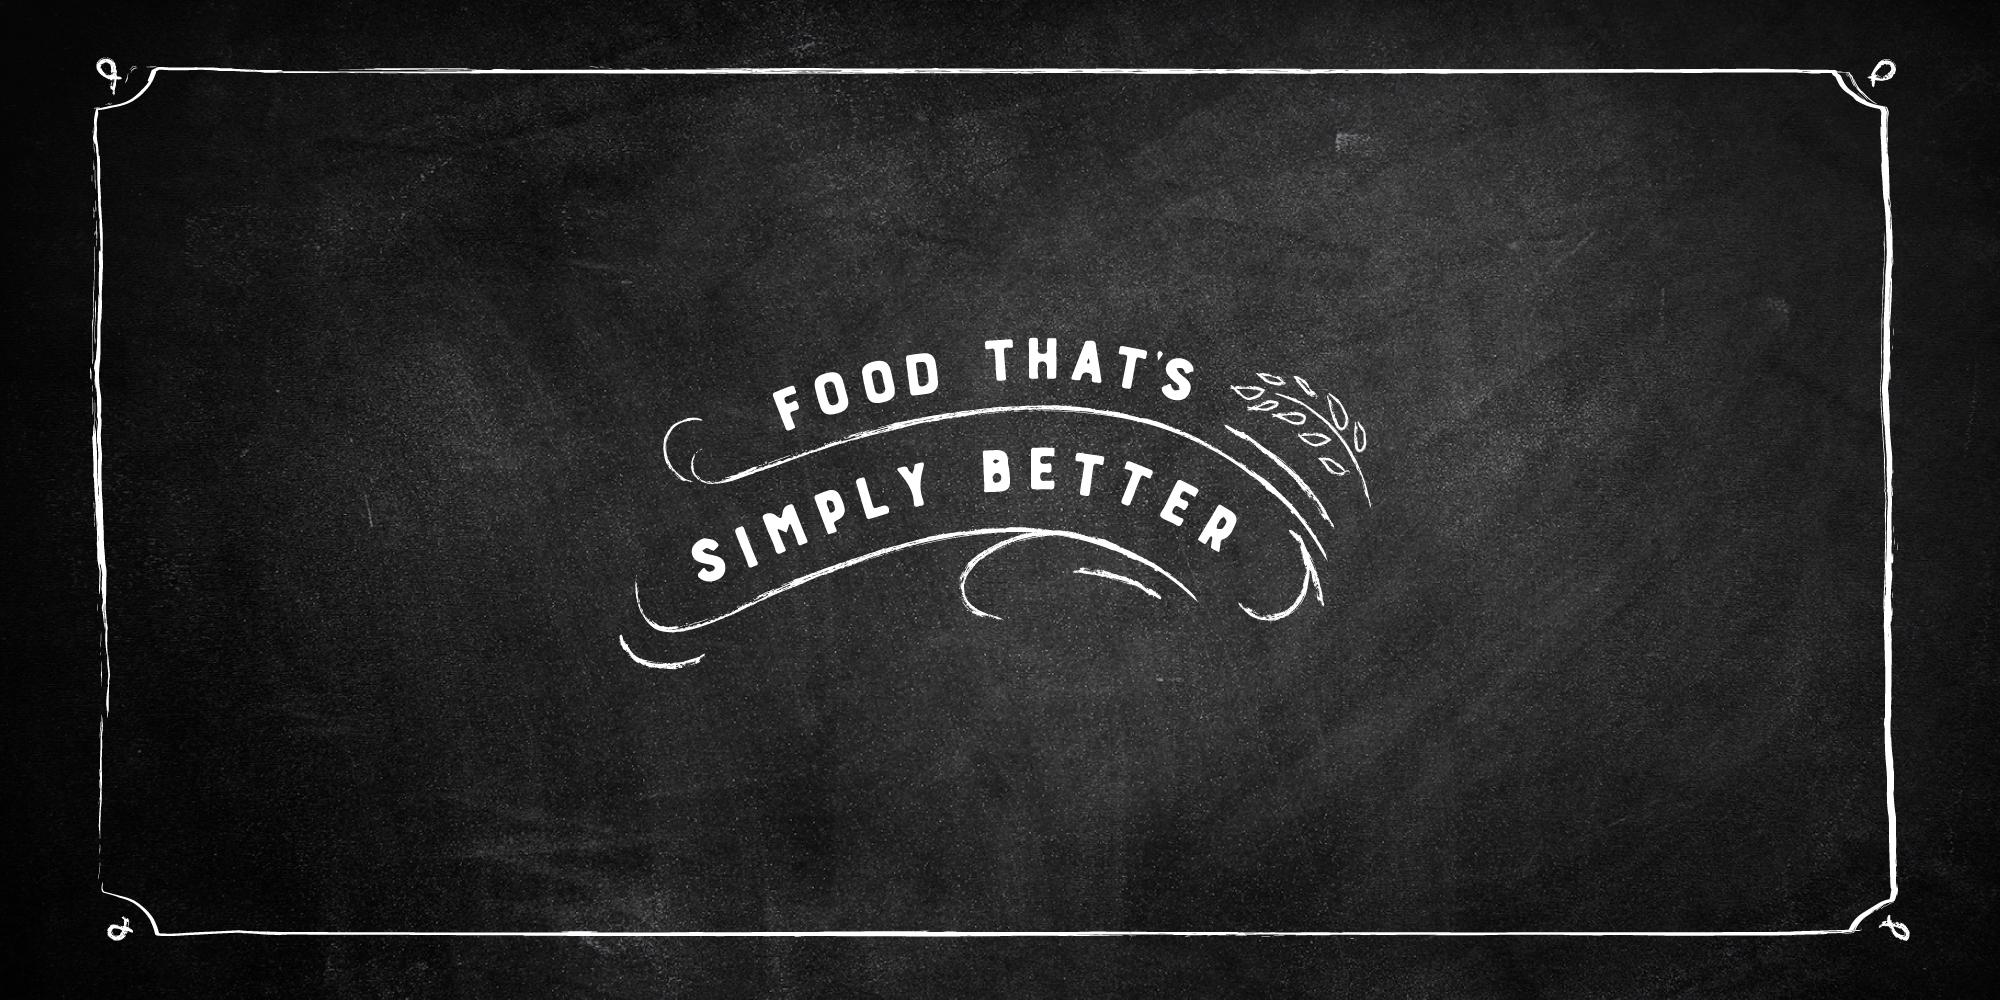 BetterBakery_Food.jpg